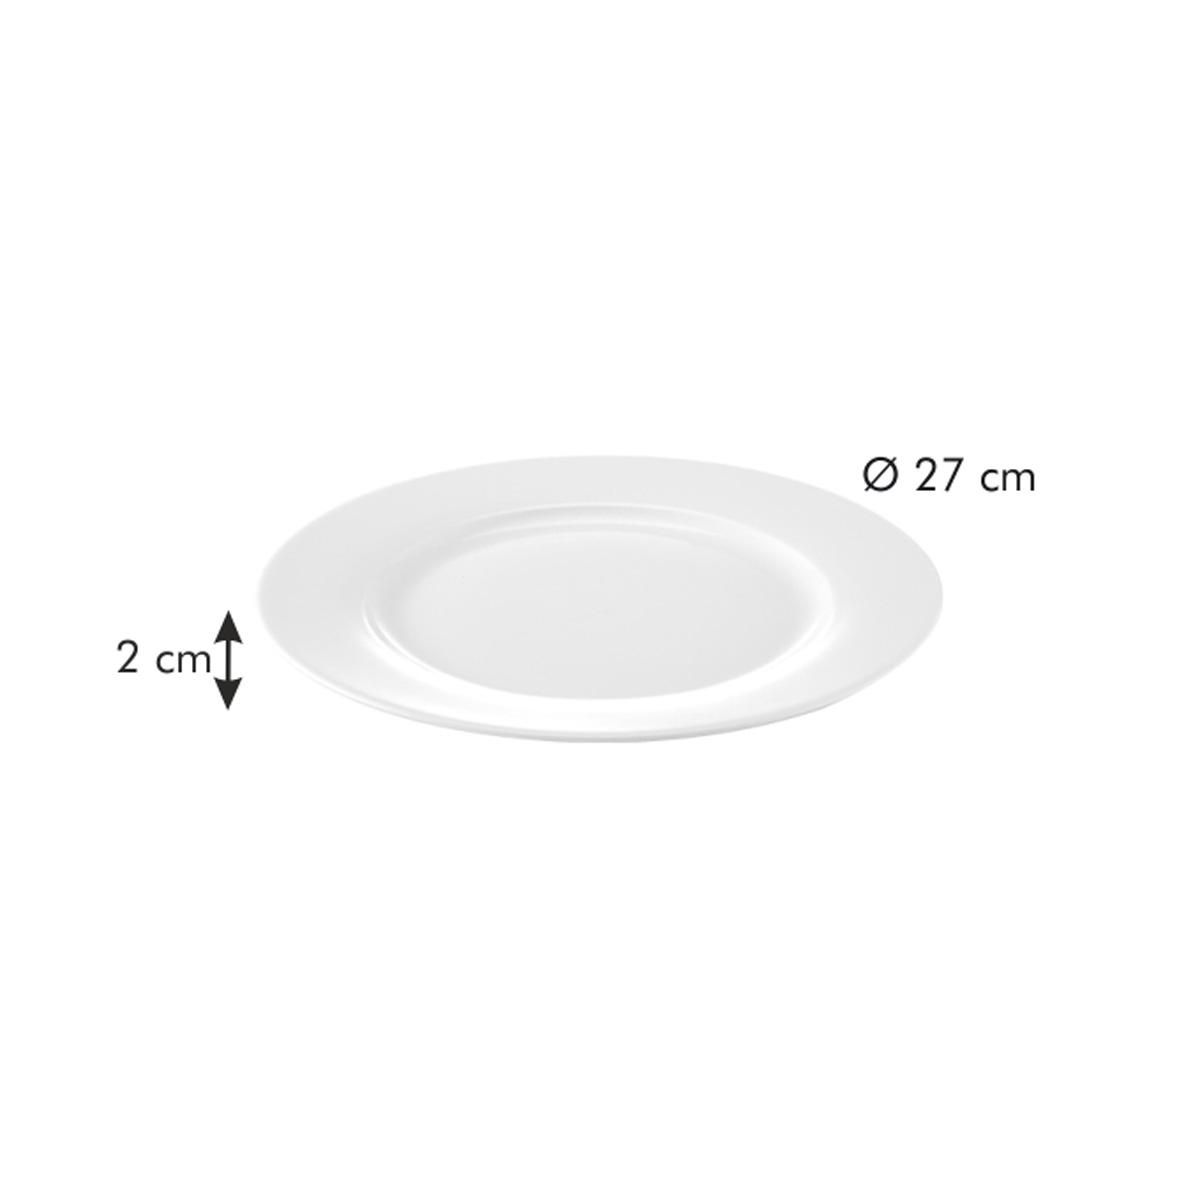 Mělký talíř LEGEND ø 27 cm